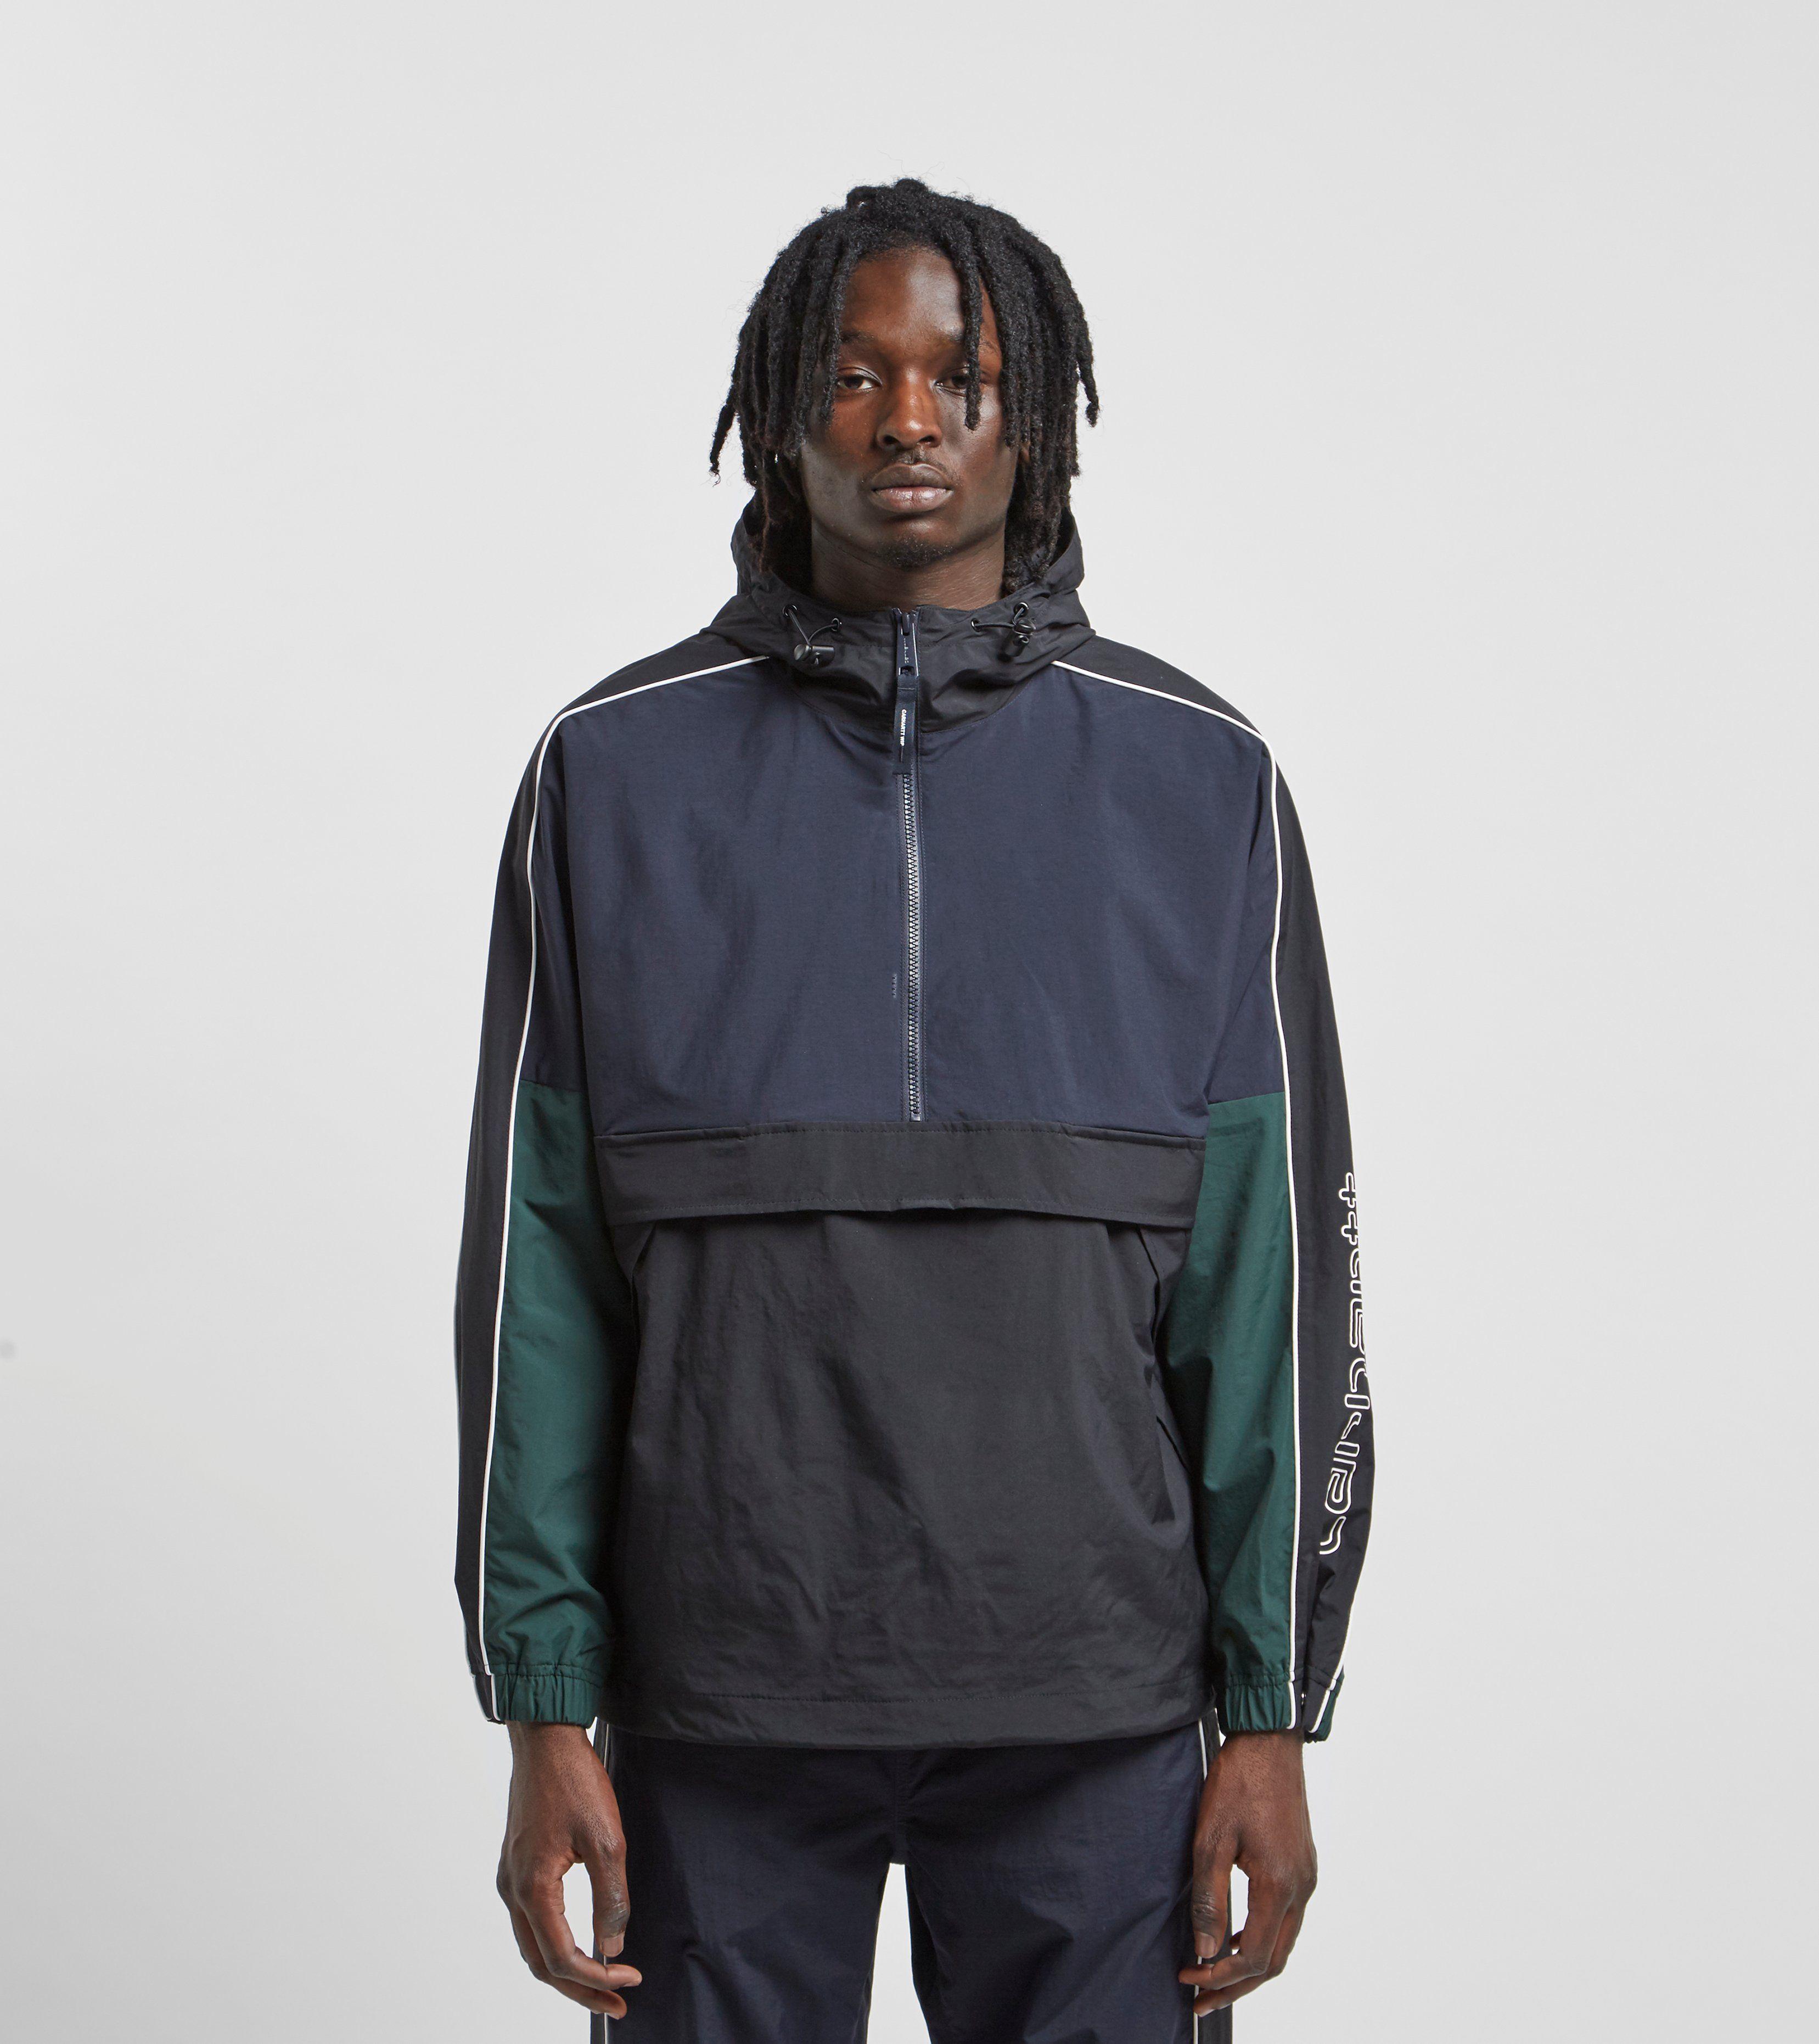 Carhartt WIP Terrace Pullover Half Zip Jacket